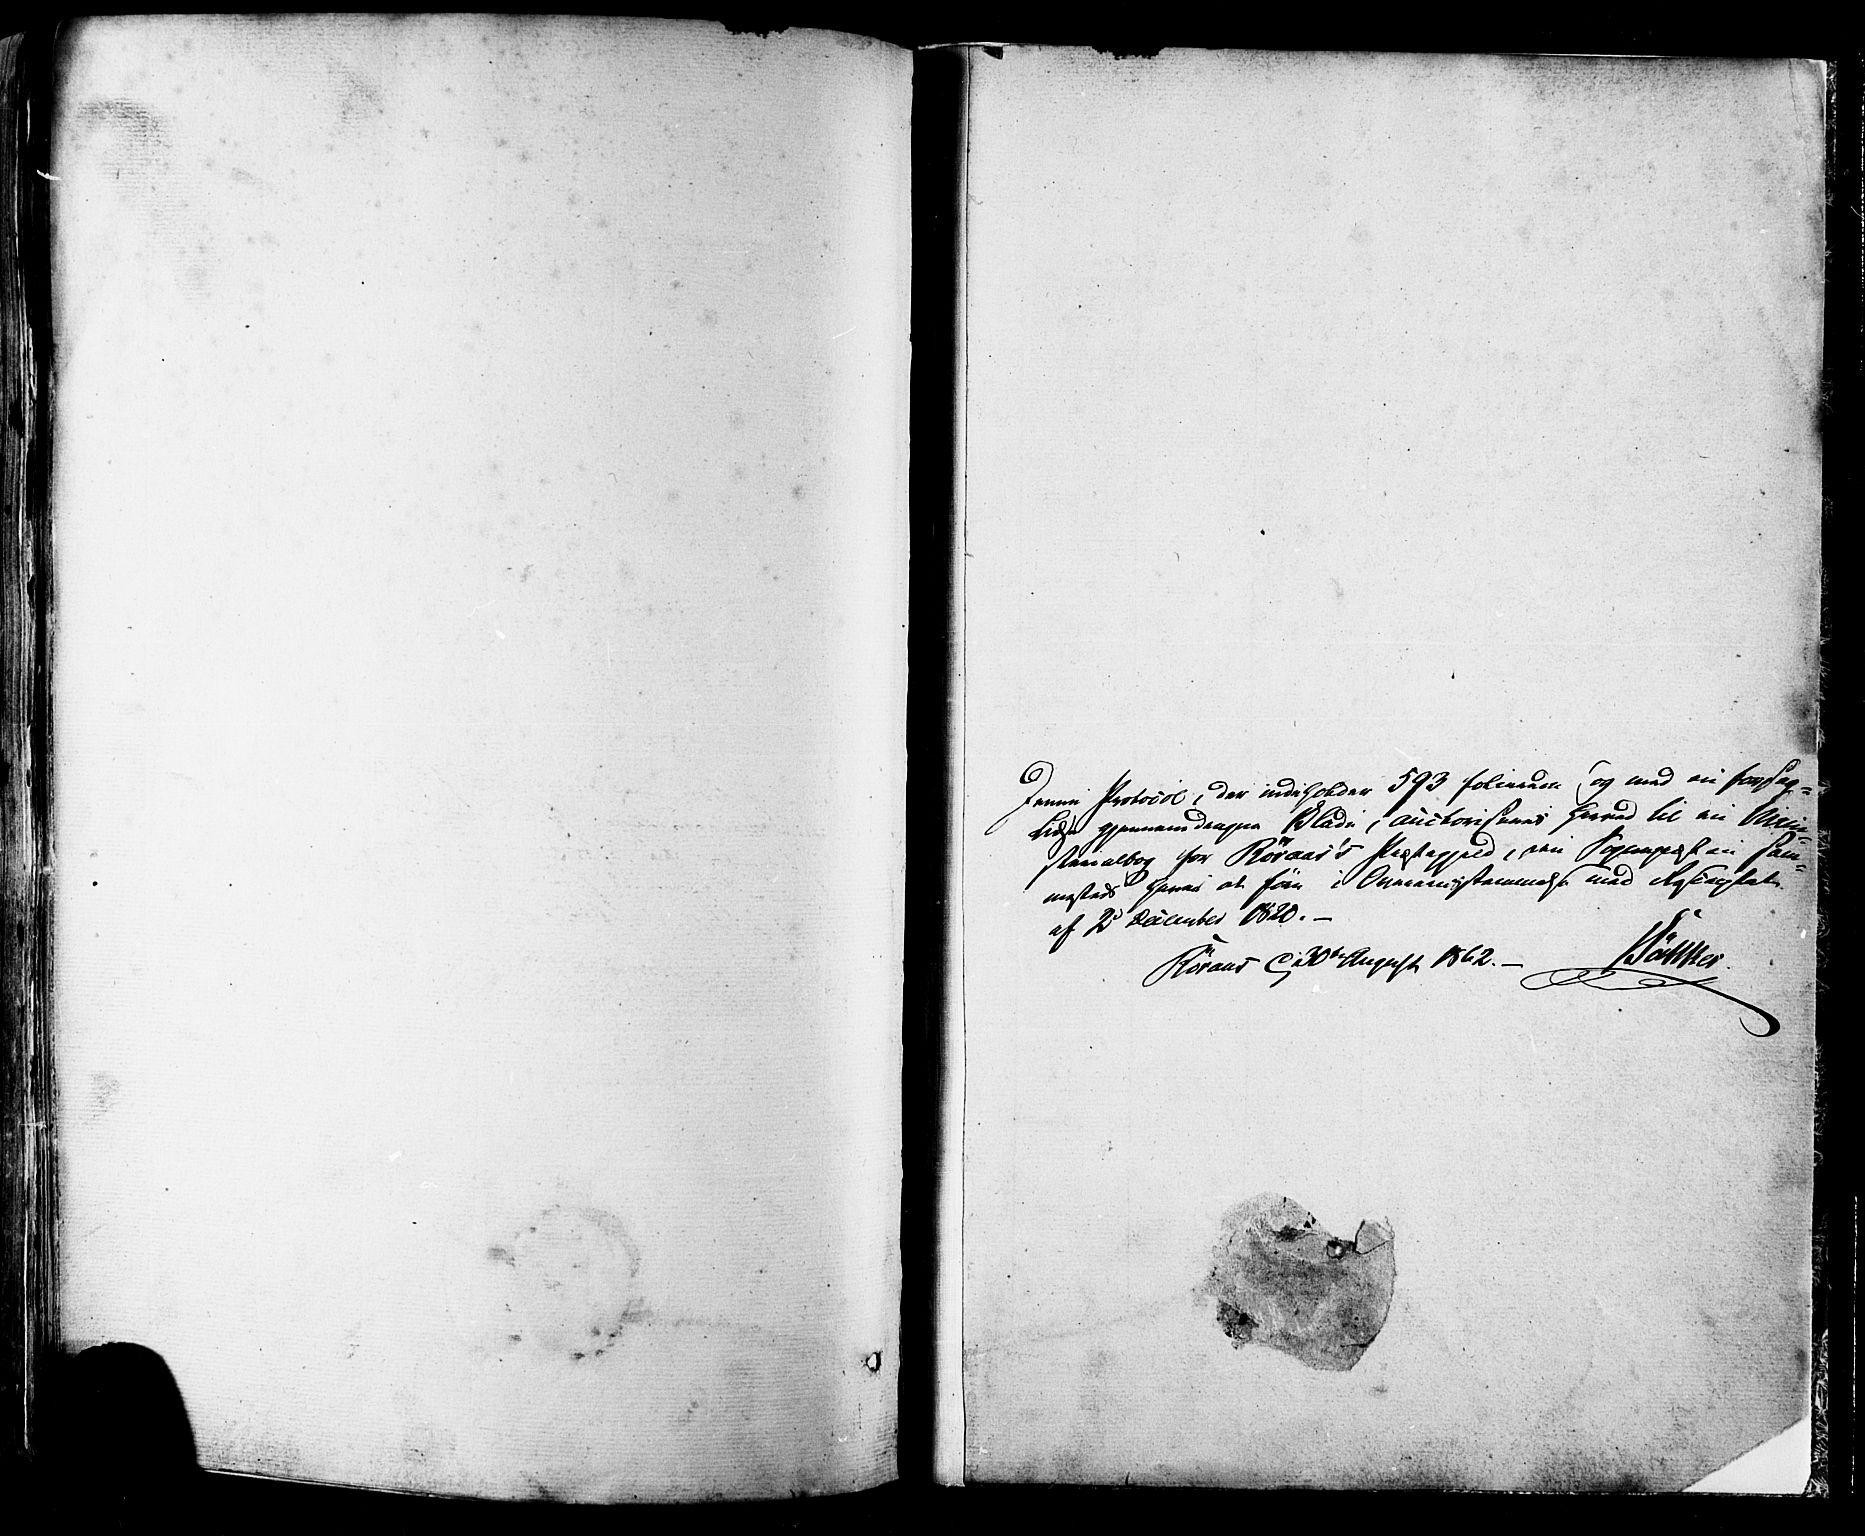 SAT, Ministerialprotokoller, klokkerbøker og fødselsregistre - Sør-Trøndelag, 681/L0932: Ministerialbok nr. 681A10, 1860-1878